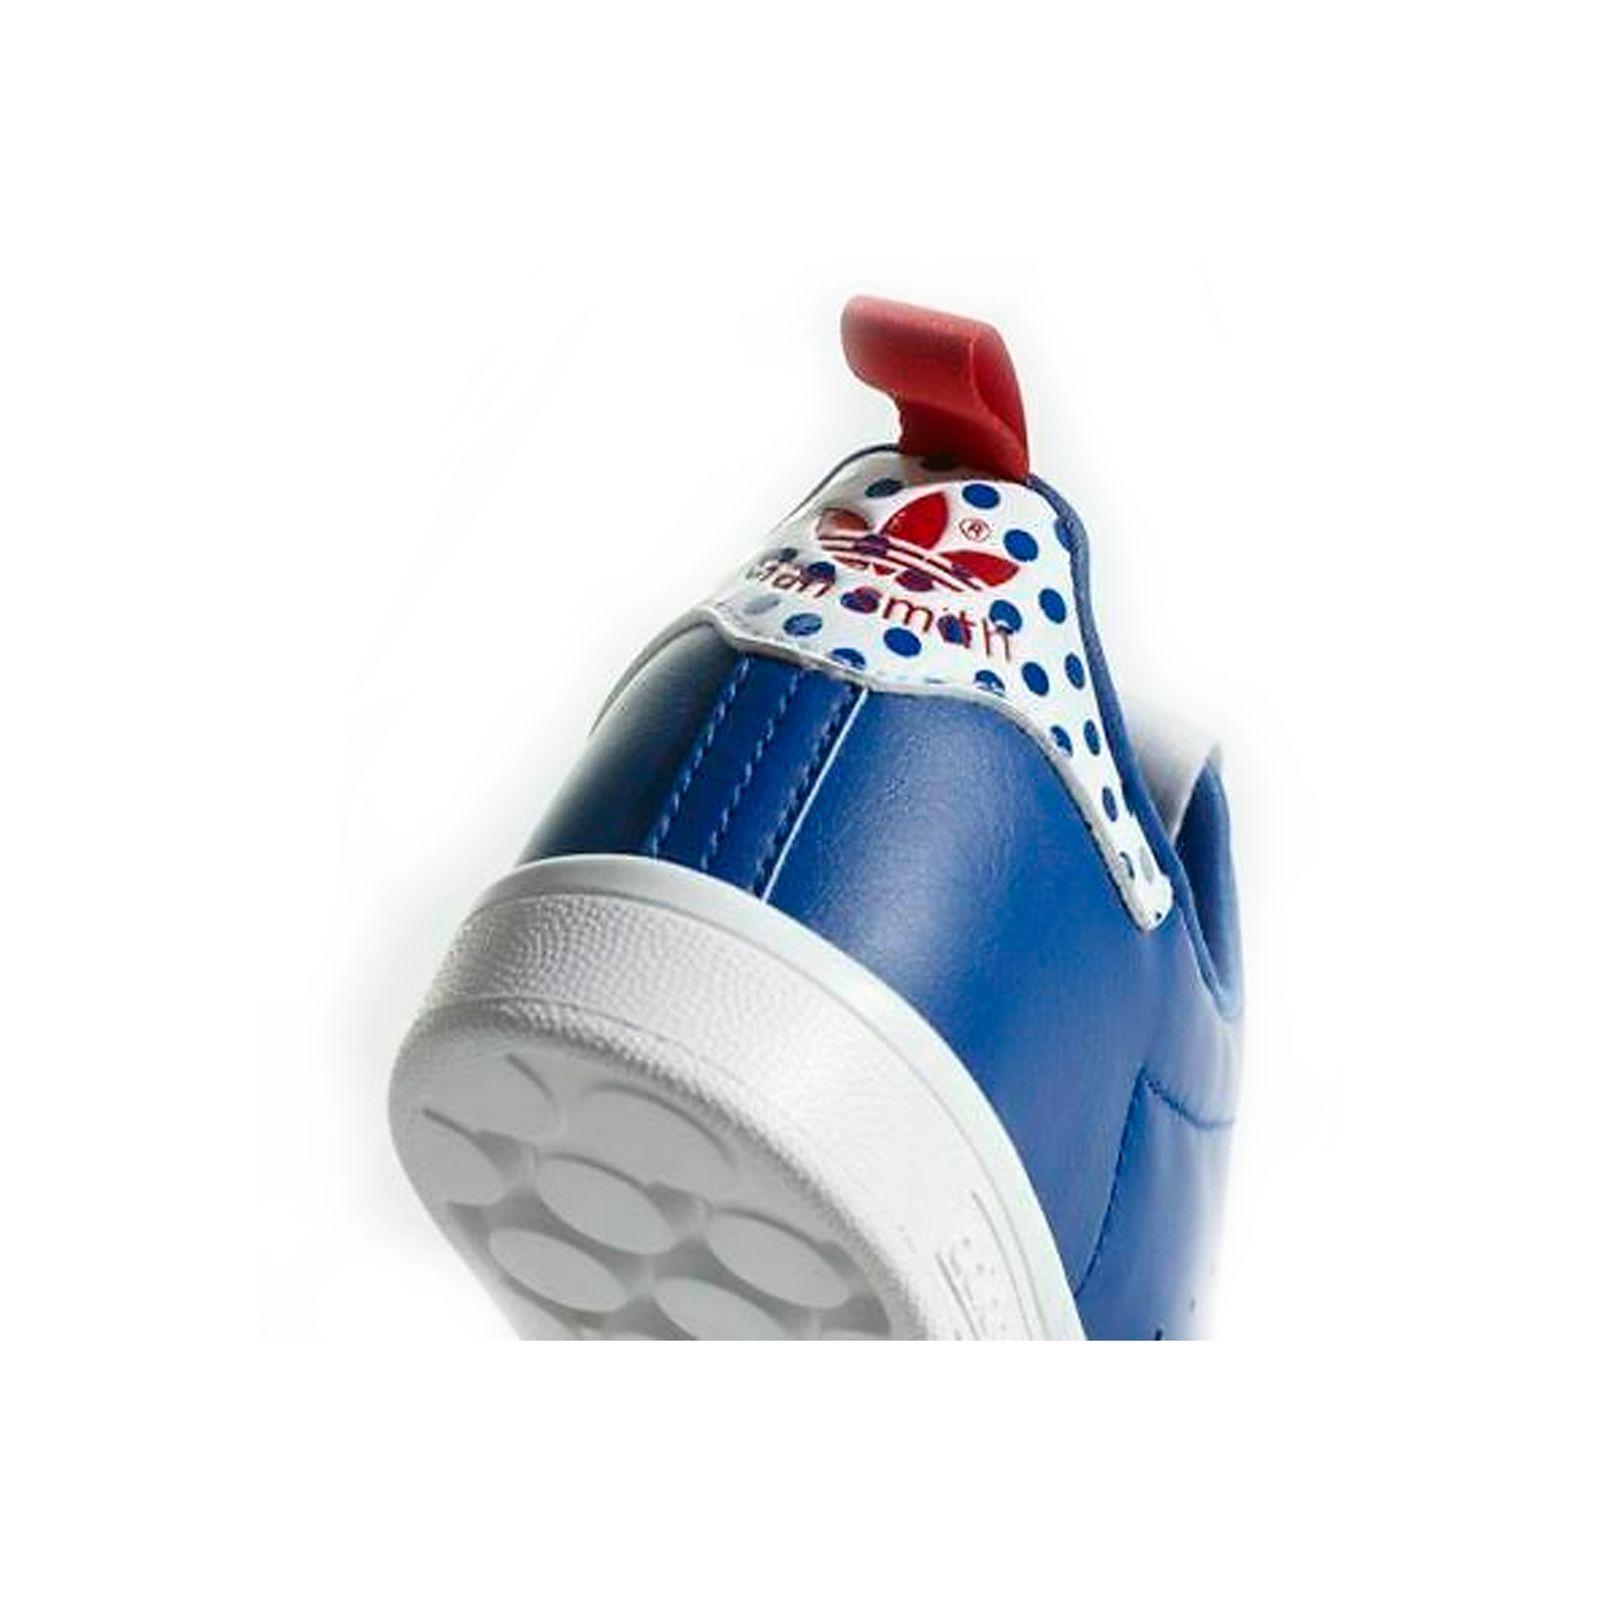 کفش ورزشی نوزادی آدیداس سری Stan Smith 360 مدل CQ2716 - آبی - 3